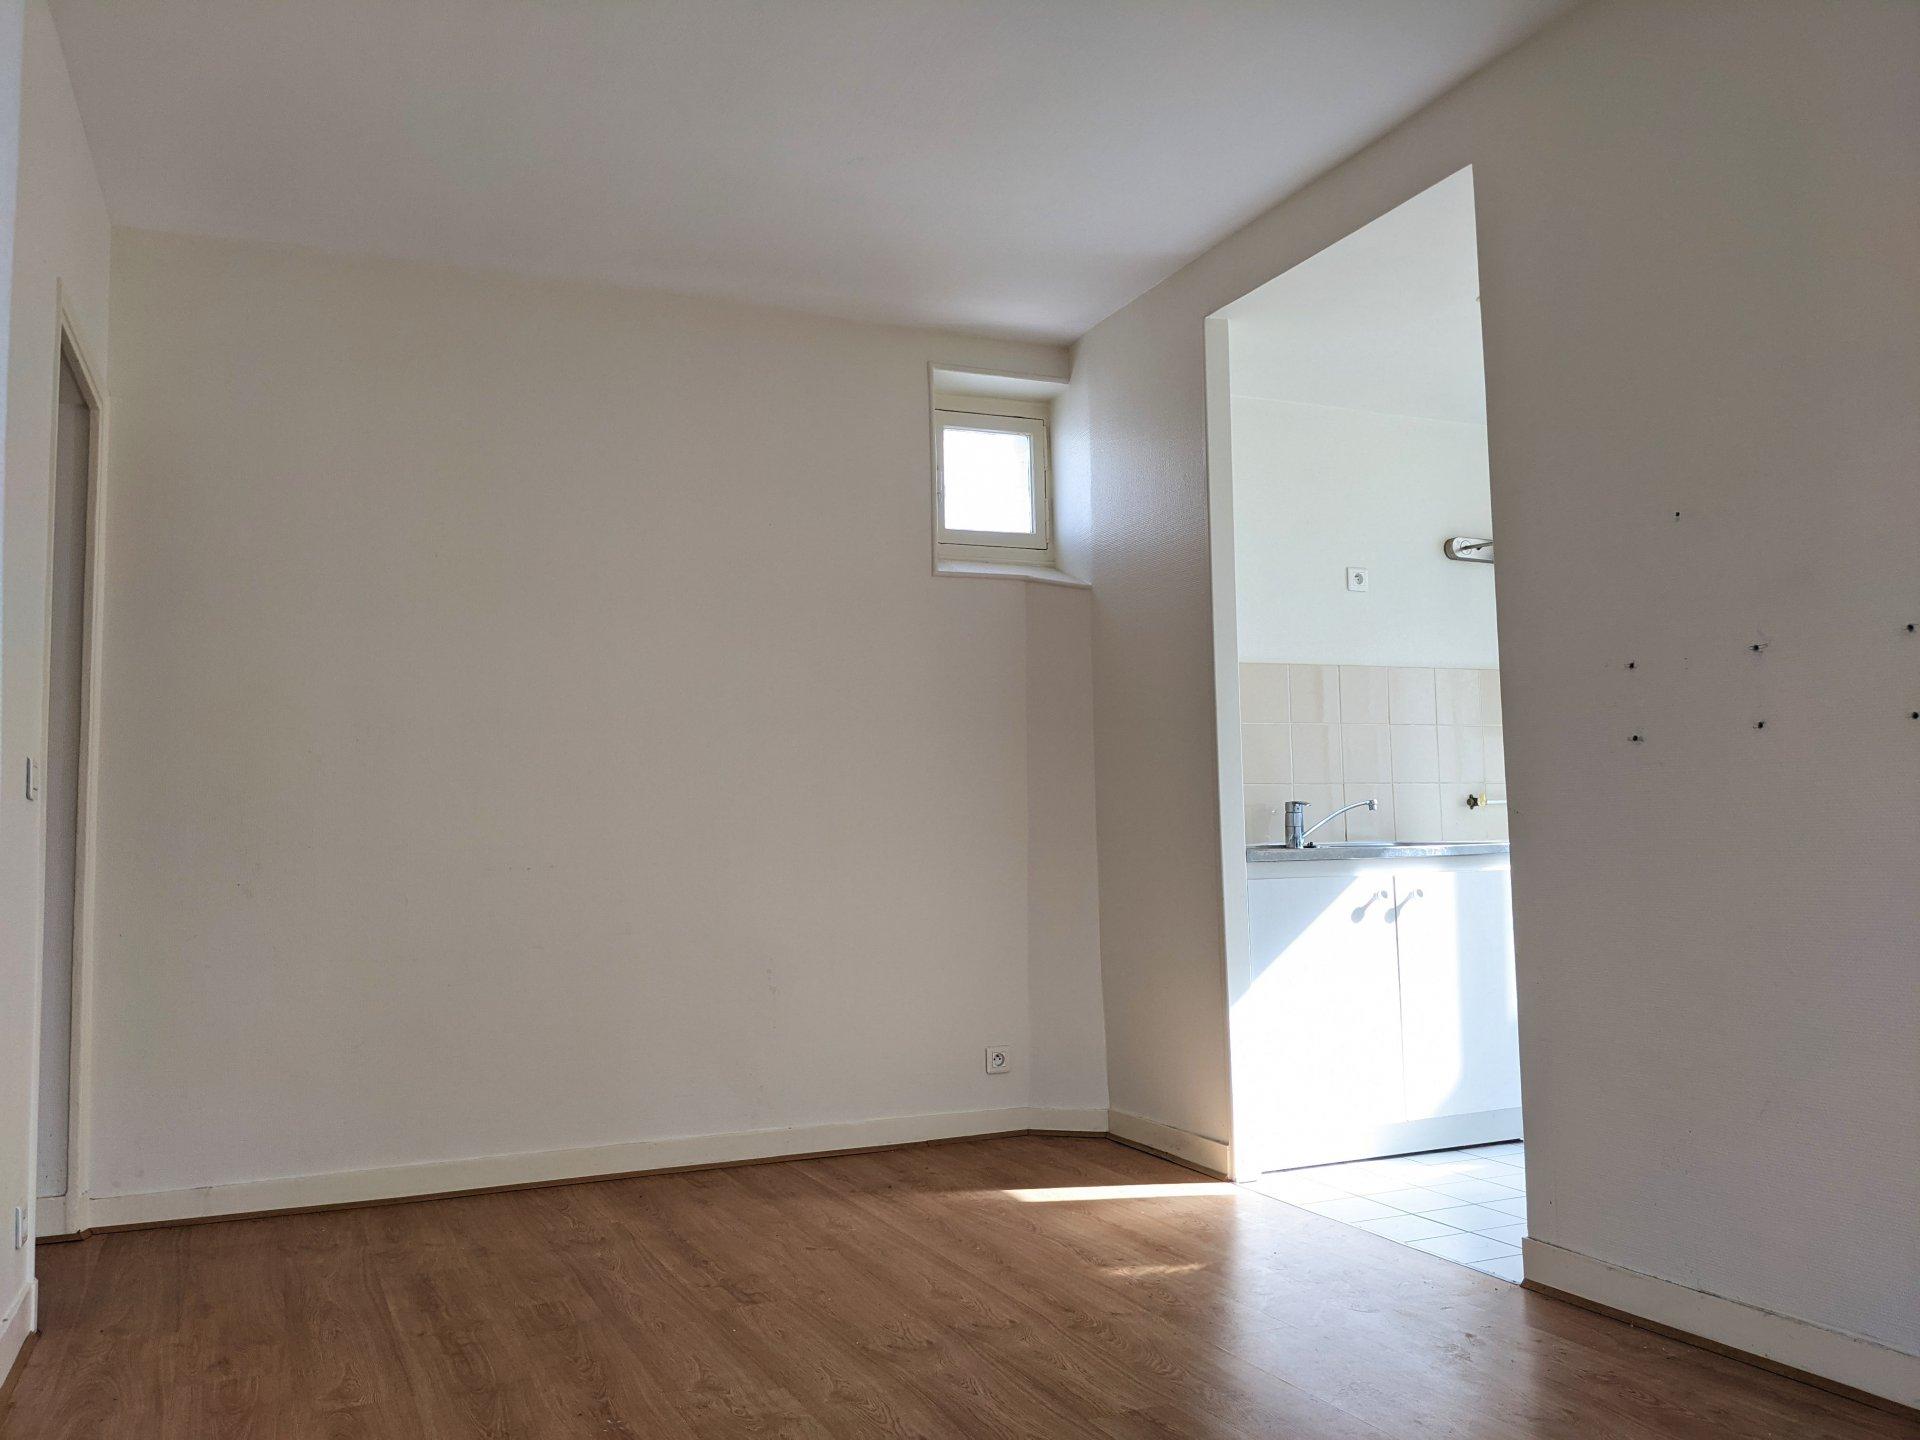 Appartement 3 pièces 52 m² 75016